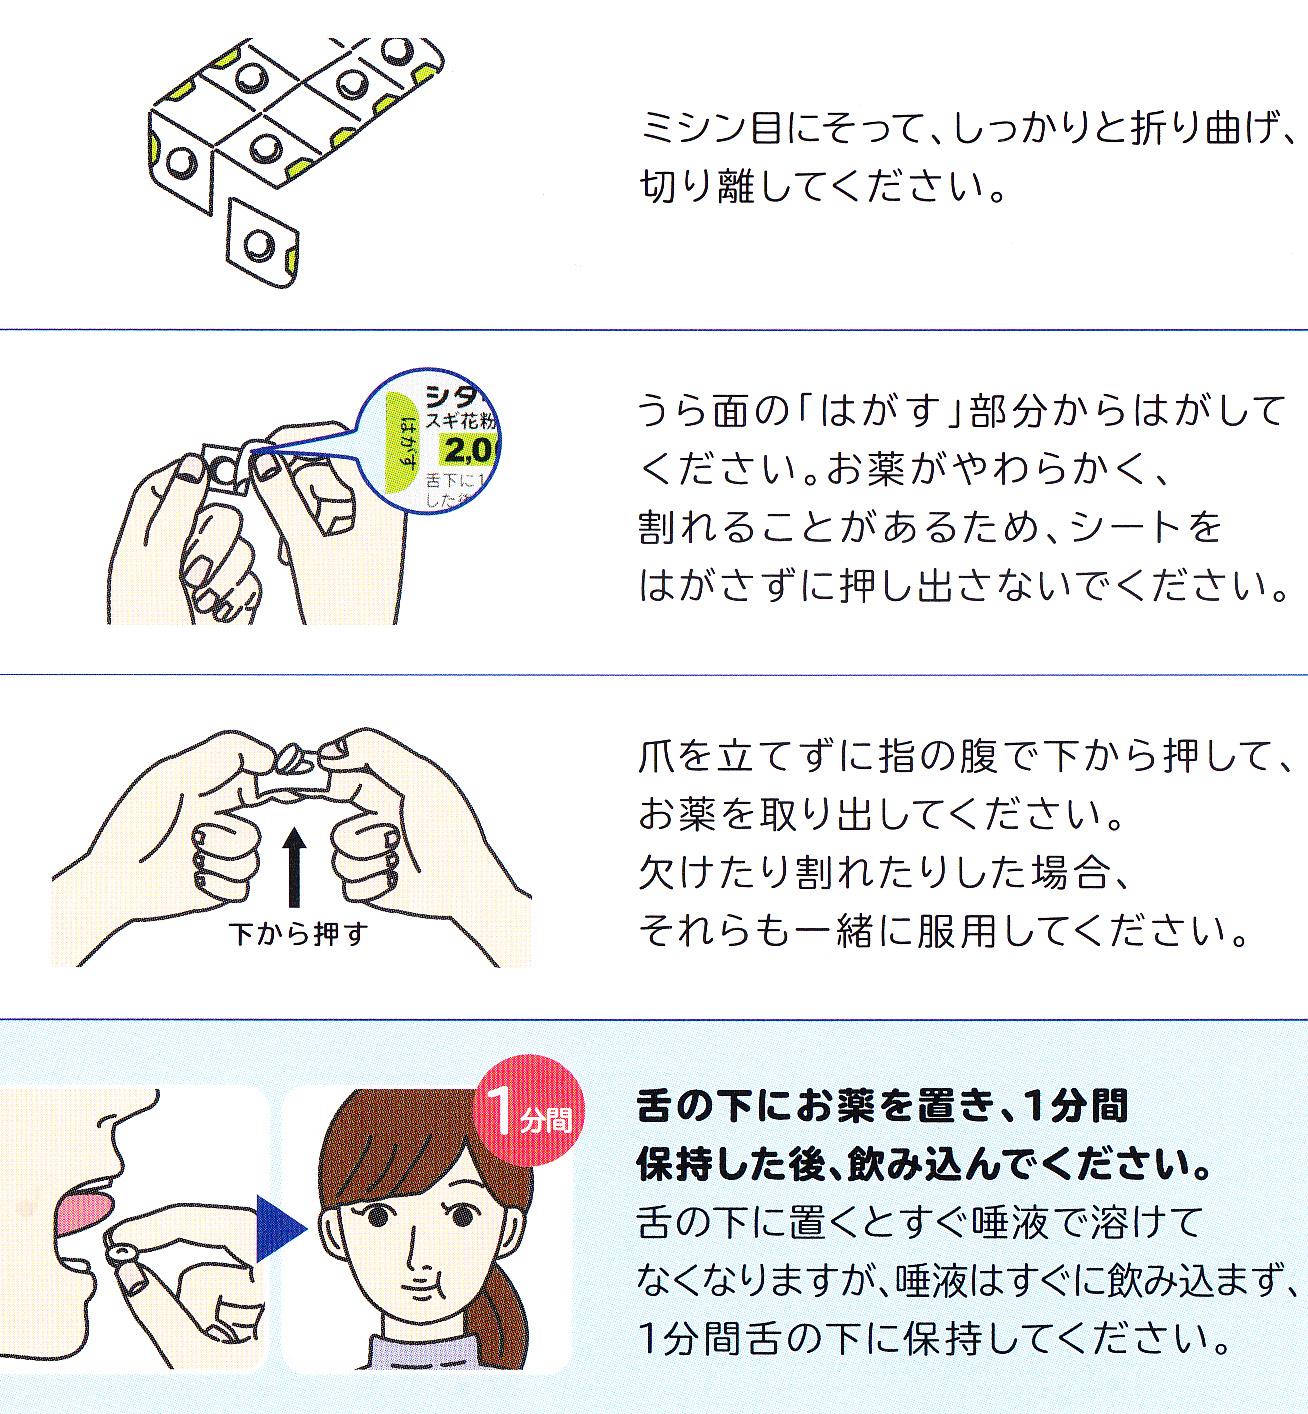 滲出性中耳炎